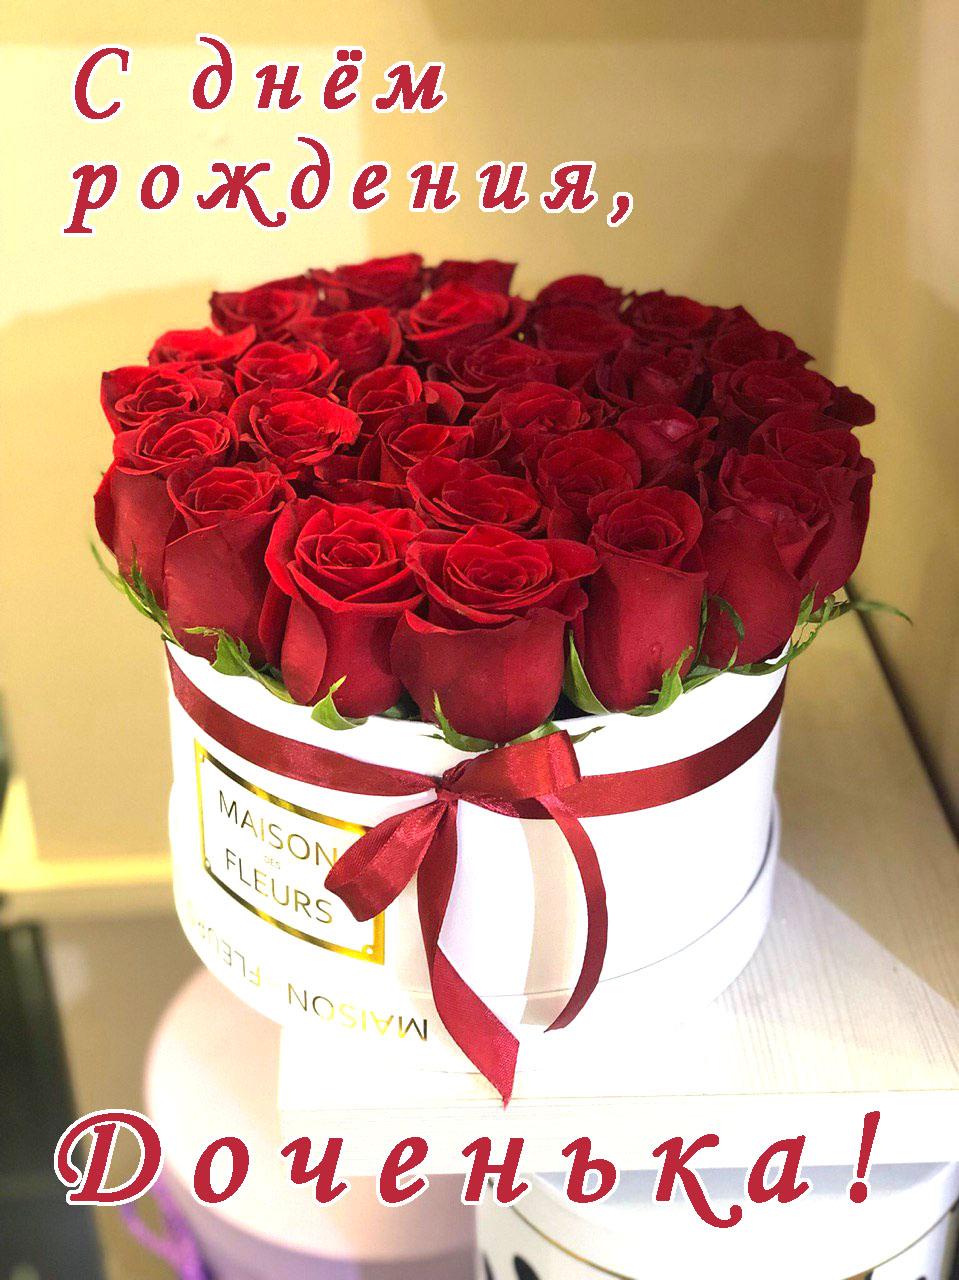 Открытки Дочка, с днем рождения! картинка и стих! ,В День рожденья,Юбилейный,Поздравлений - целыйвоз!Мы хотим,чтоб поздравленья,Стали миллионом роз!А улыбки,поцелуи - Ожерельями из звёзд!И ещё,чтобы твой ангел,Много радостей принёс!С Юбилеем,дочка!,